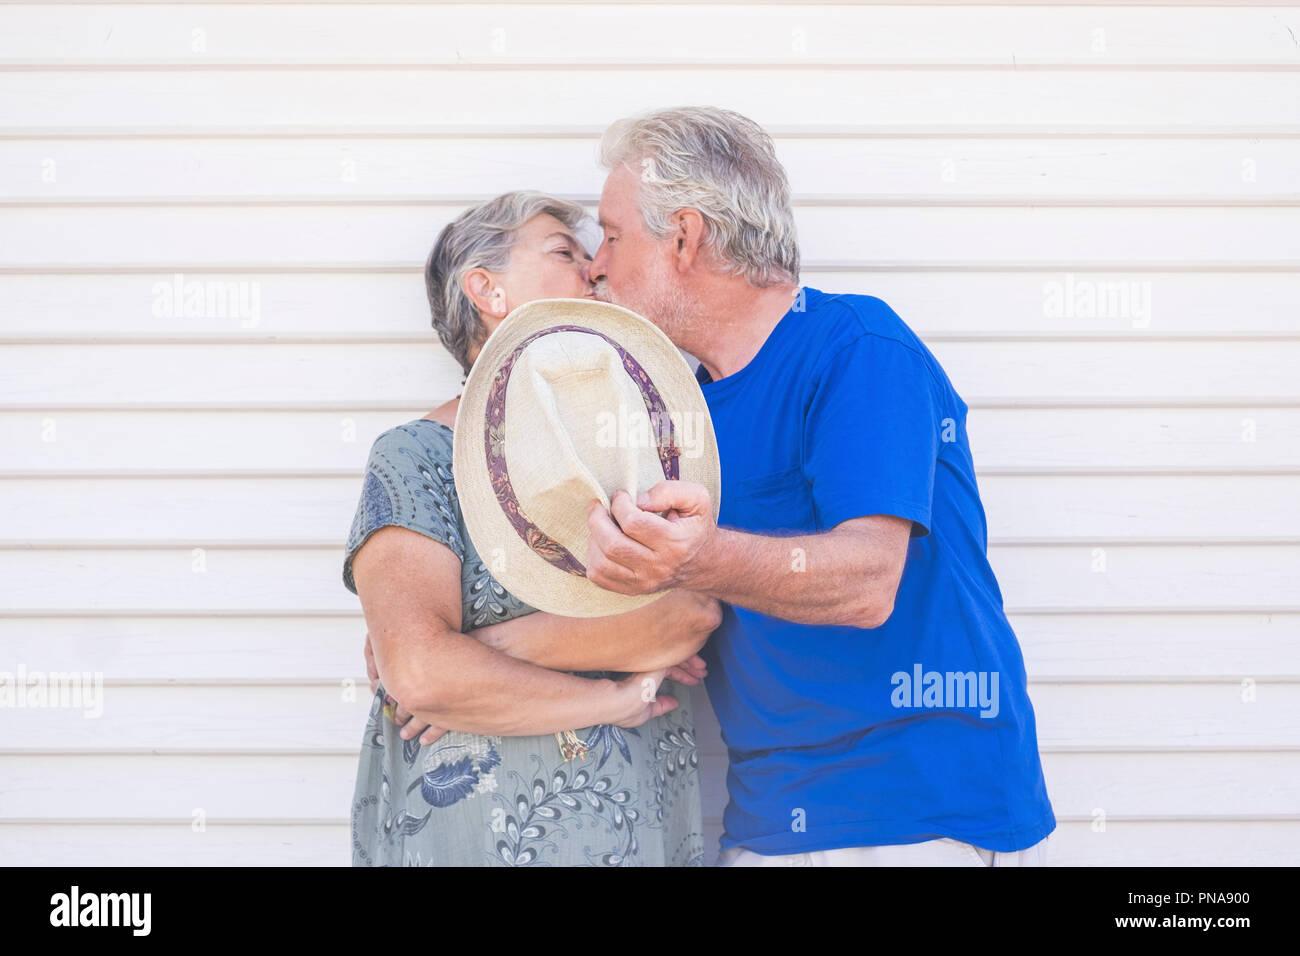 Il giorno di San Valentino concetto con anziani bella coppia senior kissing hidding con un cappello beige con un legno bianco parete di sfondo dietro di loro. amore e Foto Stock